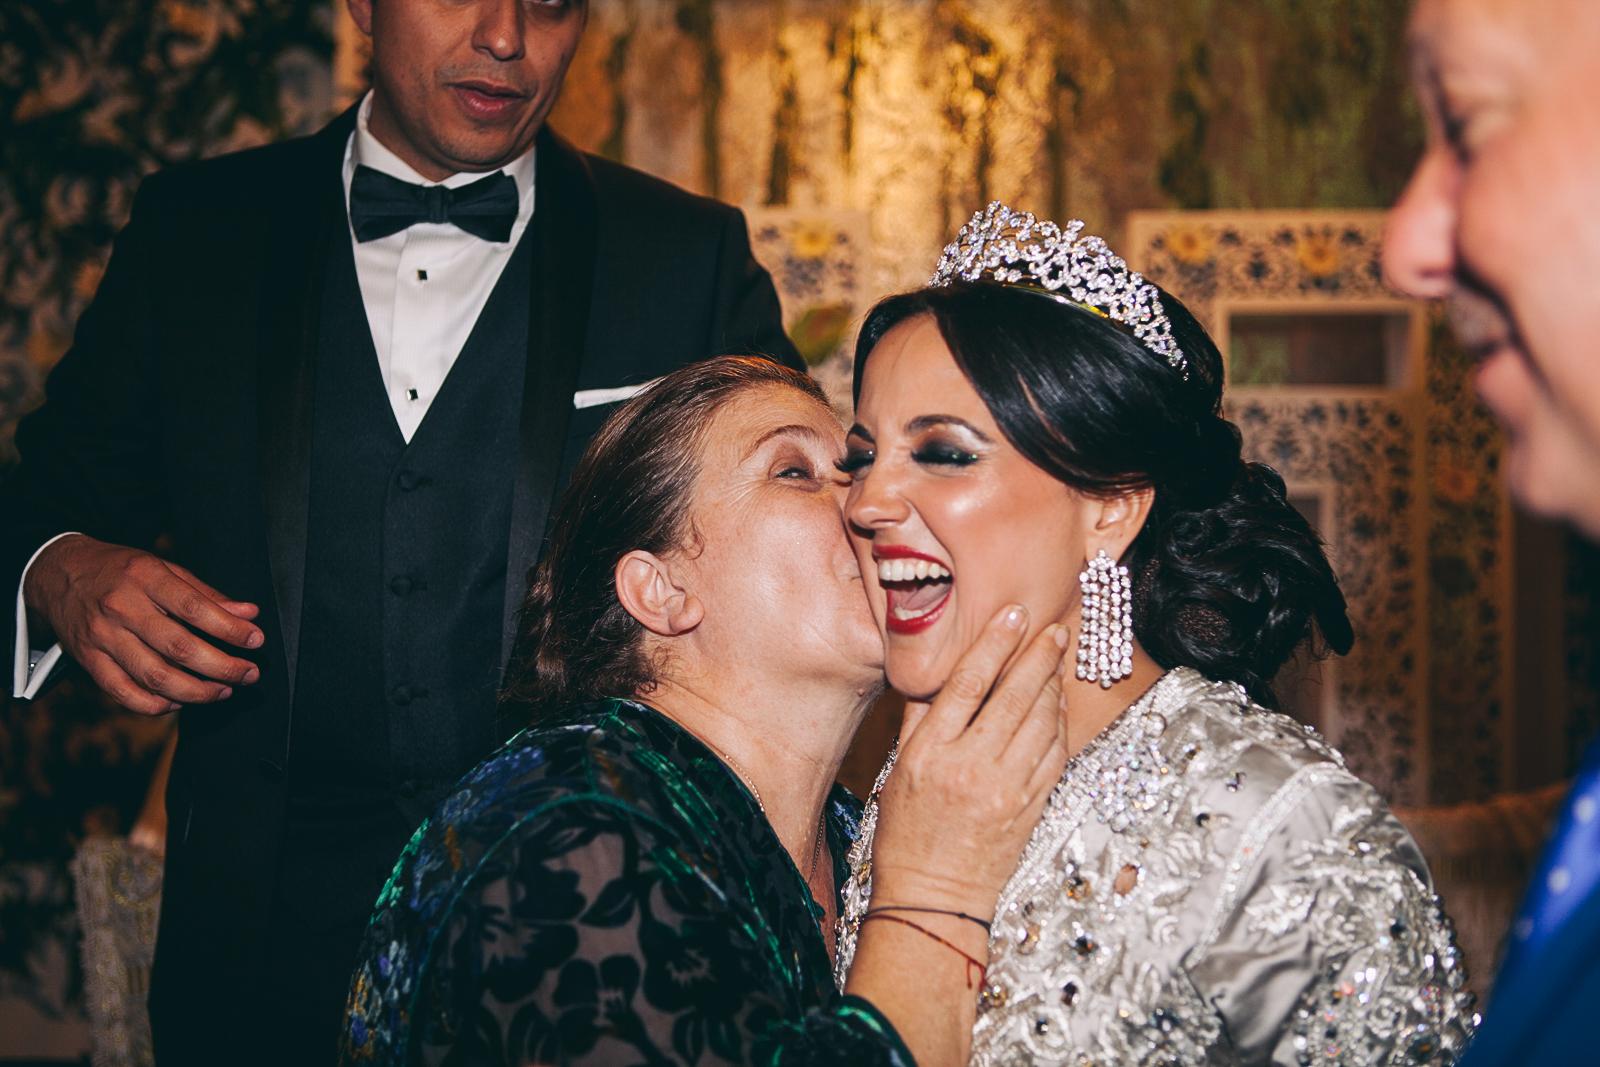 traditional_moroccan_wedding_photographry_casablanca_morocco_houda_vivek_ebony_siovhan_bokeh_photography_096.jpg